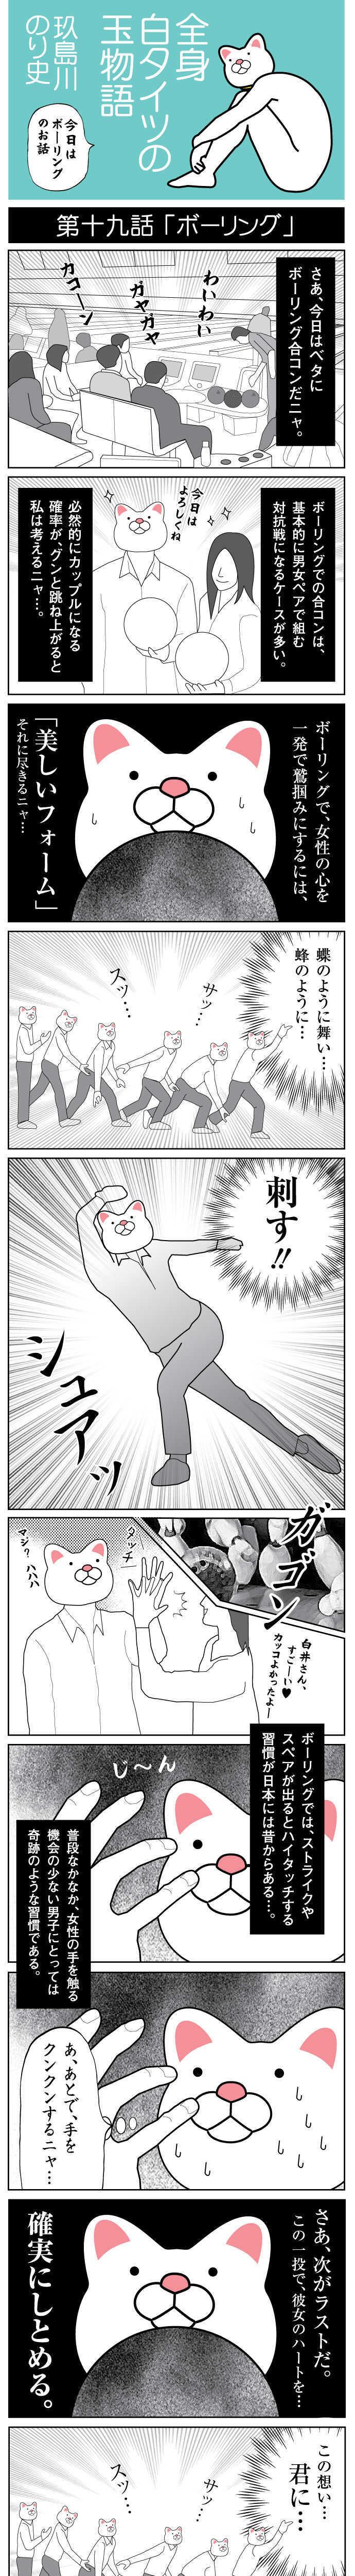 第十九話 ボーリング